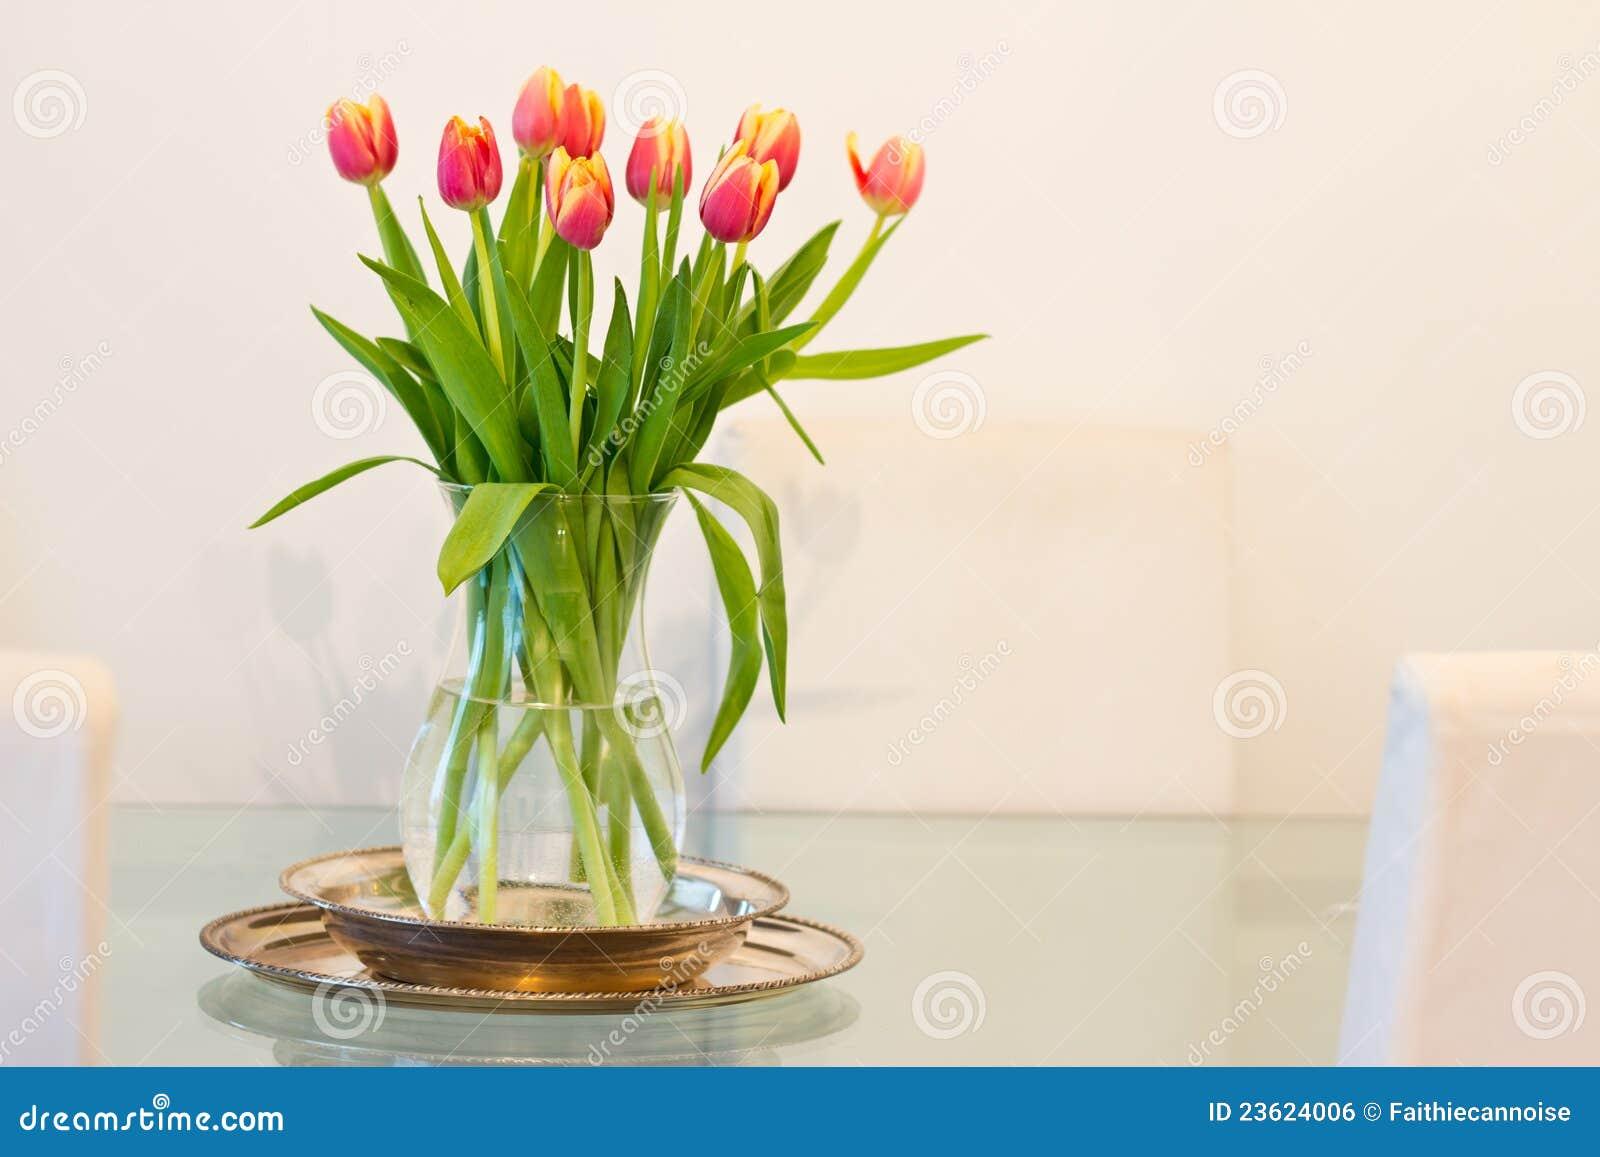 De Decoratie Van Het Huis Vaas Van Tulpen Op Glaslijst  : de decoratie van het huis vaas van tulpen op glaslijst 23624006 from nl.dreamstime.com size 1300 x 957 jpeg 98kB